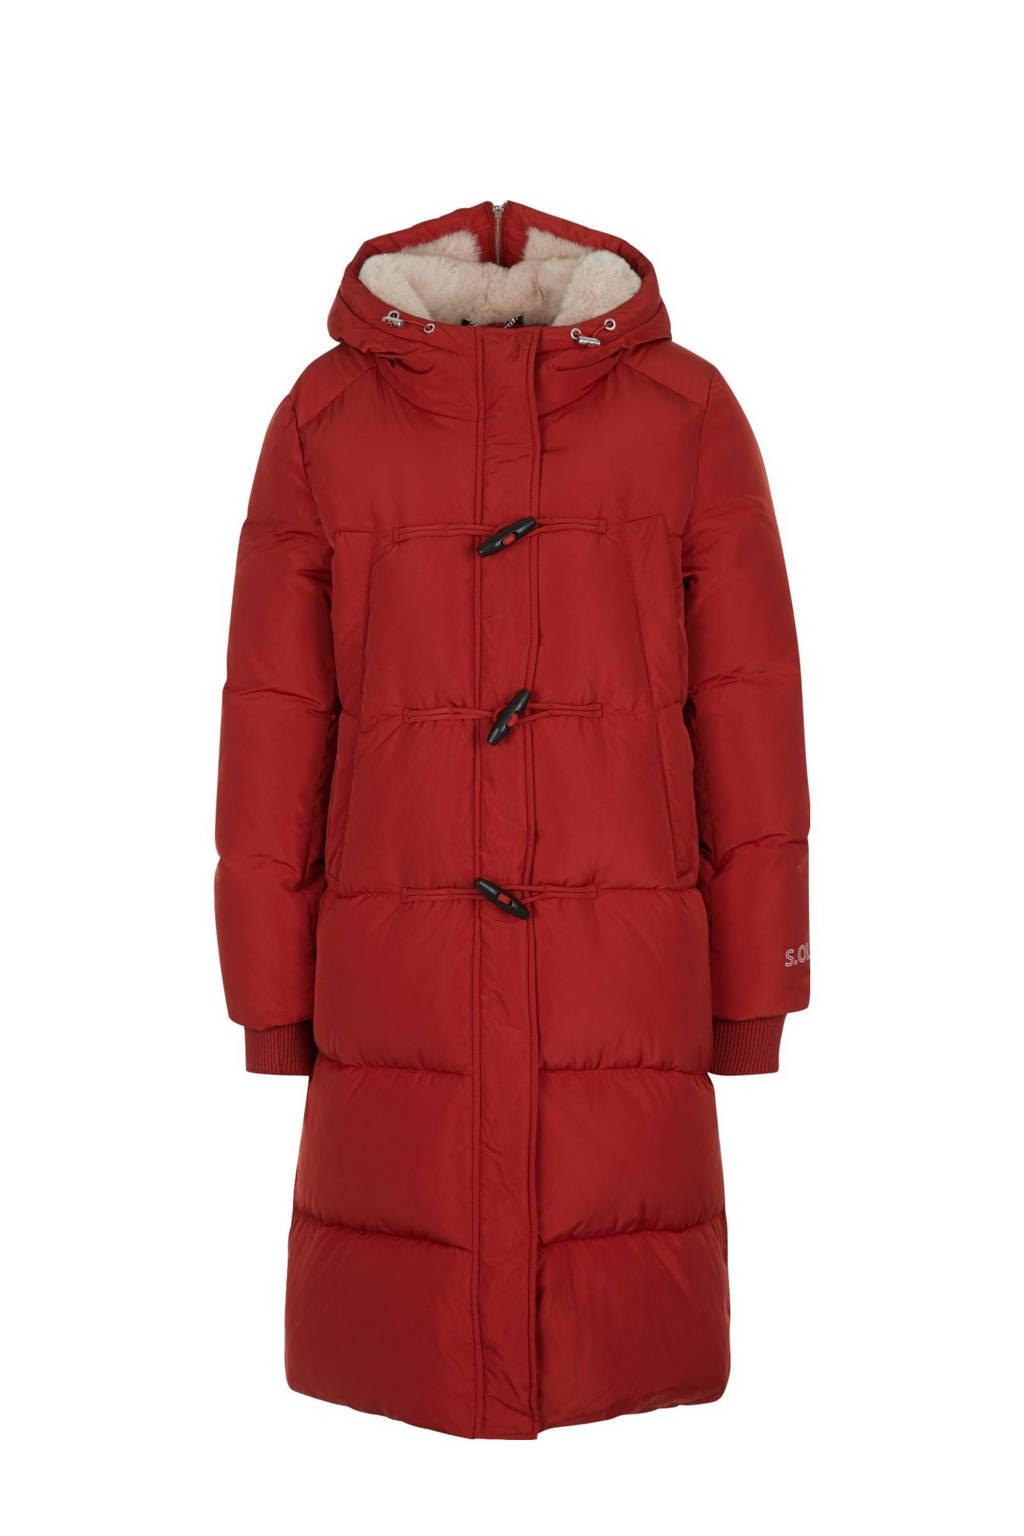 s.Oliver gewatteerde jas rood met teddy voering, Rood